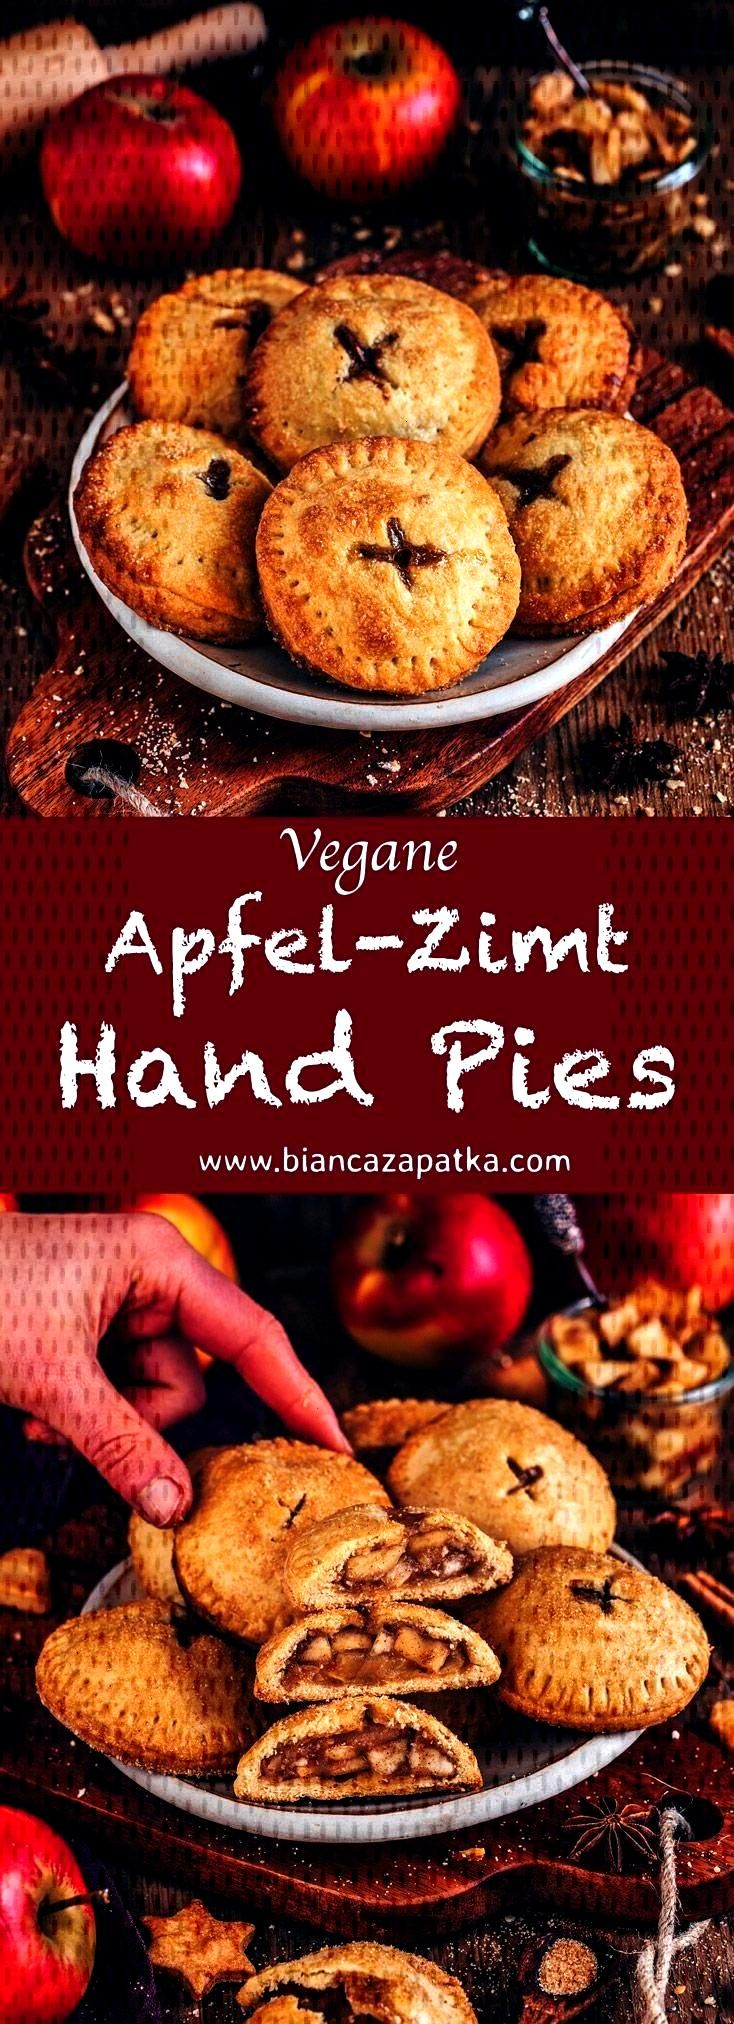 Hand Pies (vegane Mini-Apfelkuchen) - Bianca Zapatka | Rezepte - Apfel Hand Pies, Mini Apfelkuchen